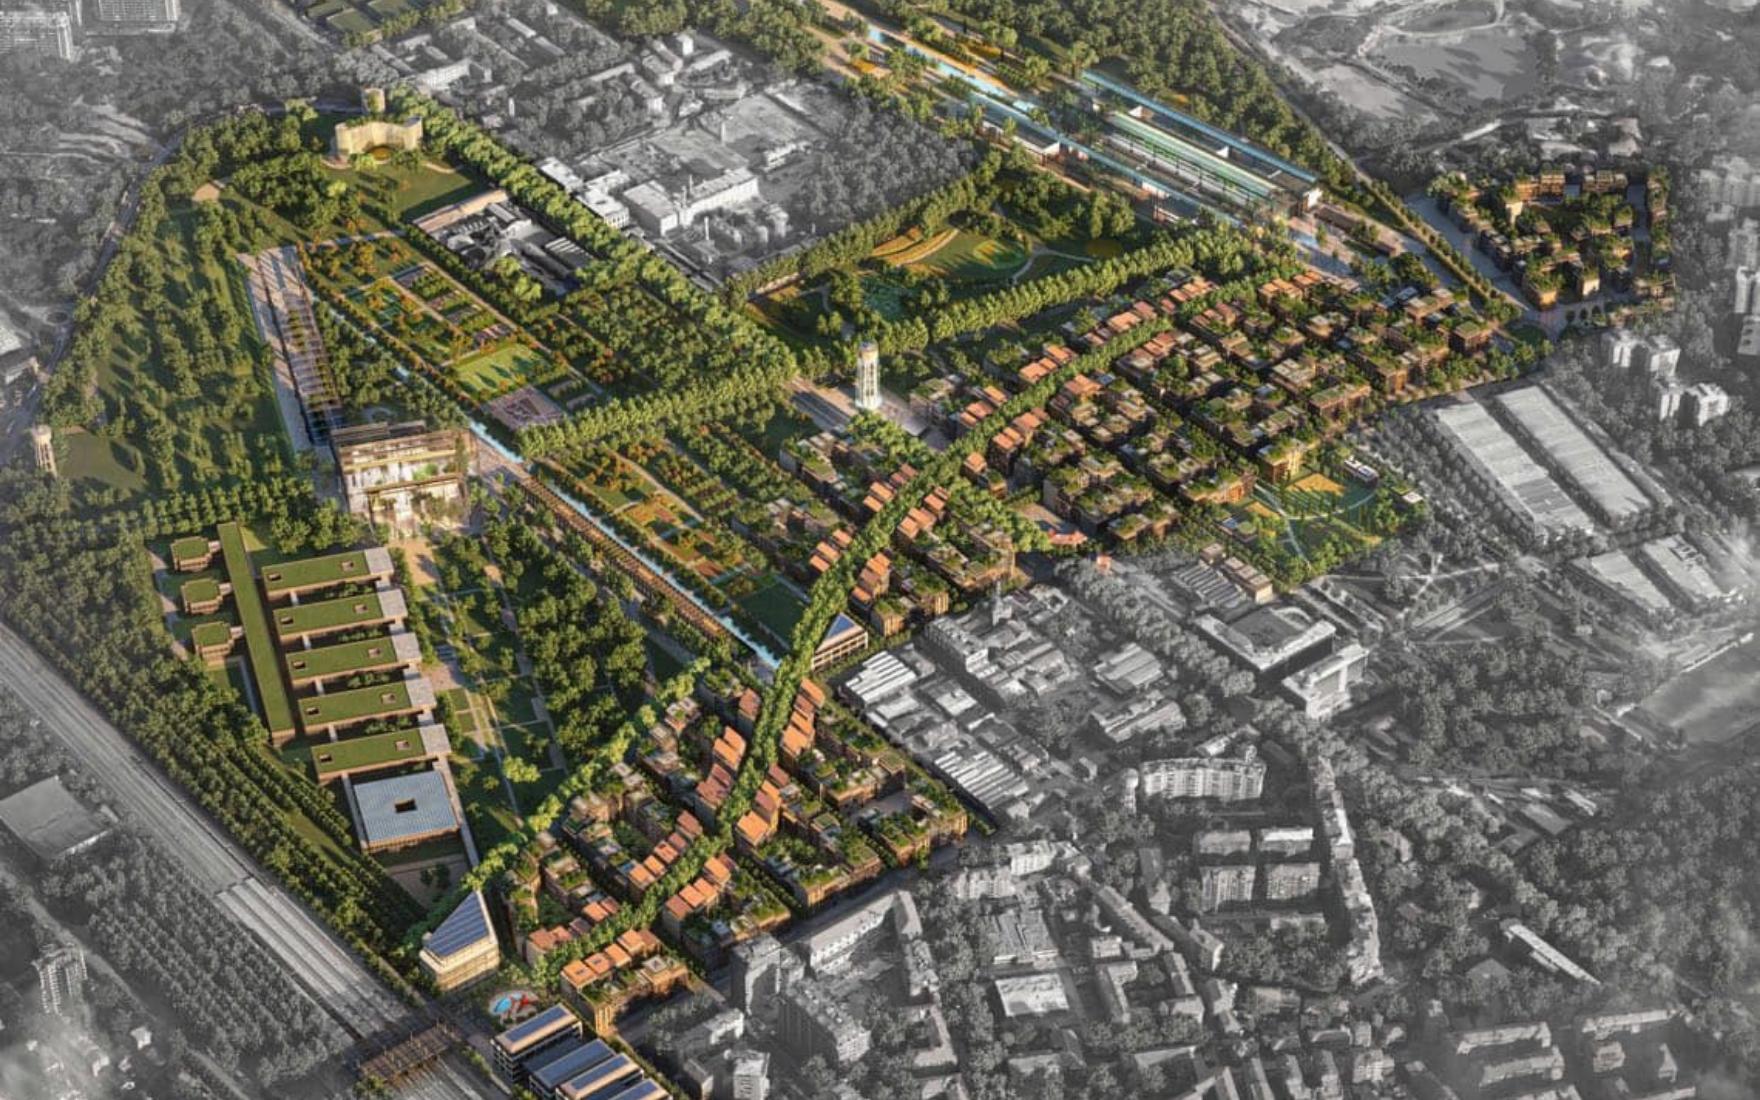 AG&P greenscape per la rigenerazione urbana di MilanoSesto con Scandurra Studio Architettura